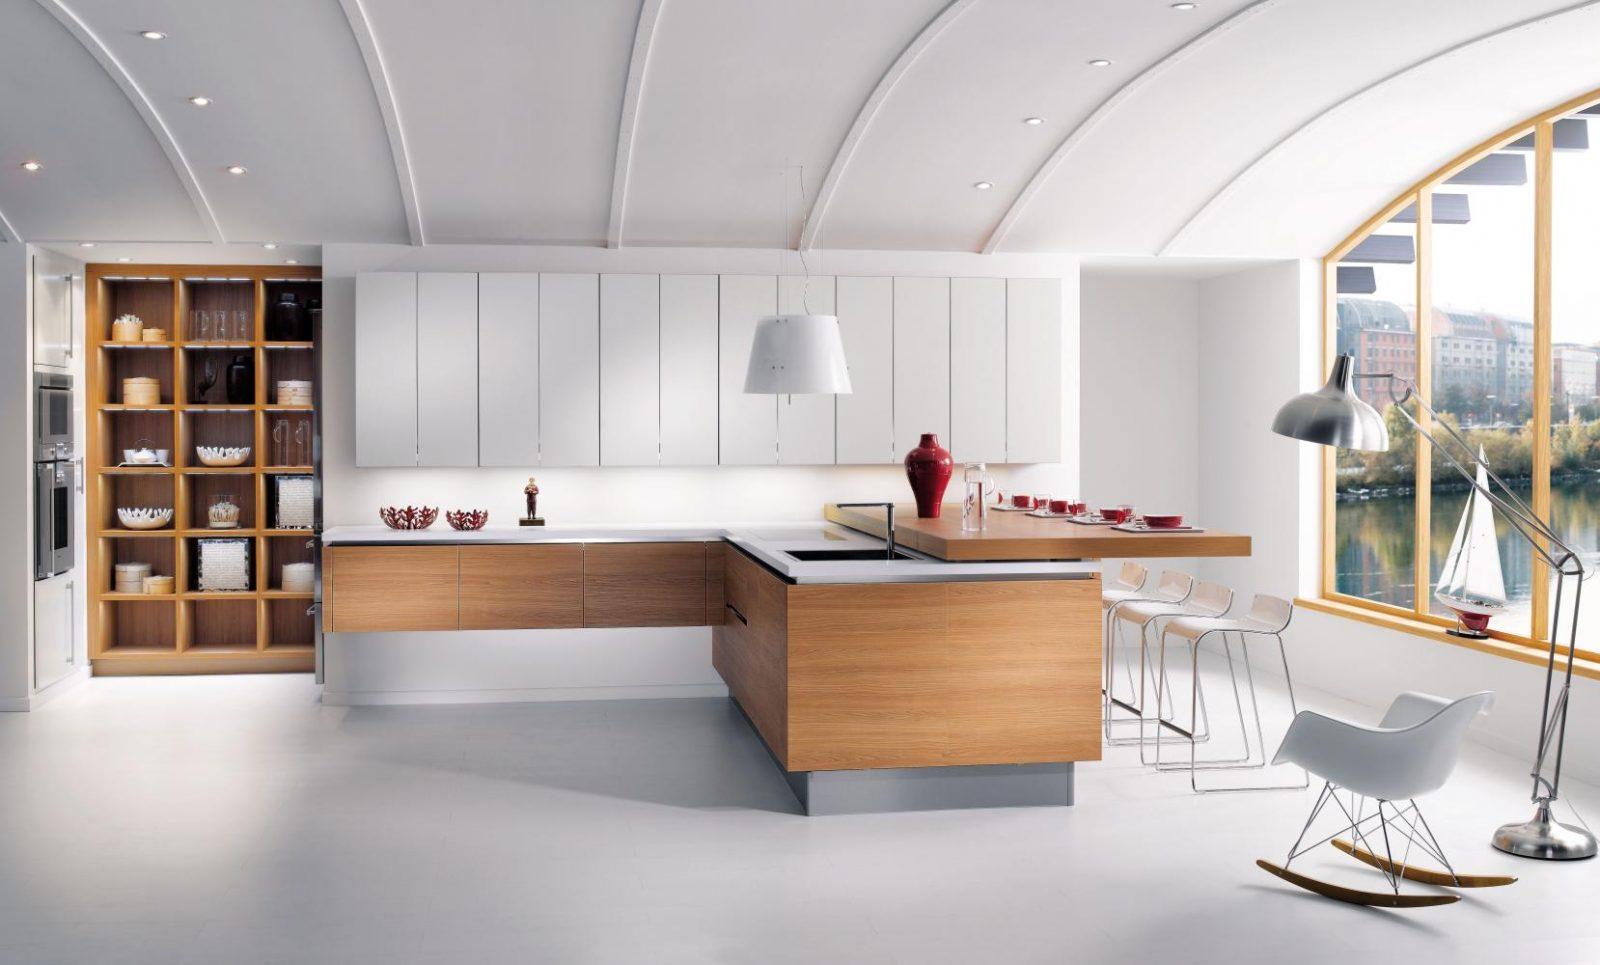 Isla de cocina moderna im genes y fotos for Modelos de islas de cocina modernas